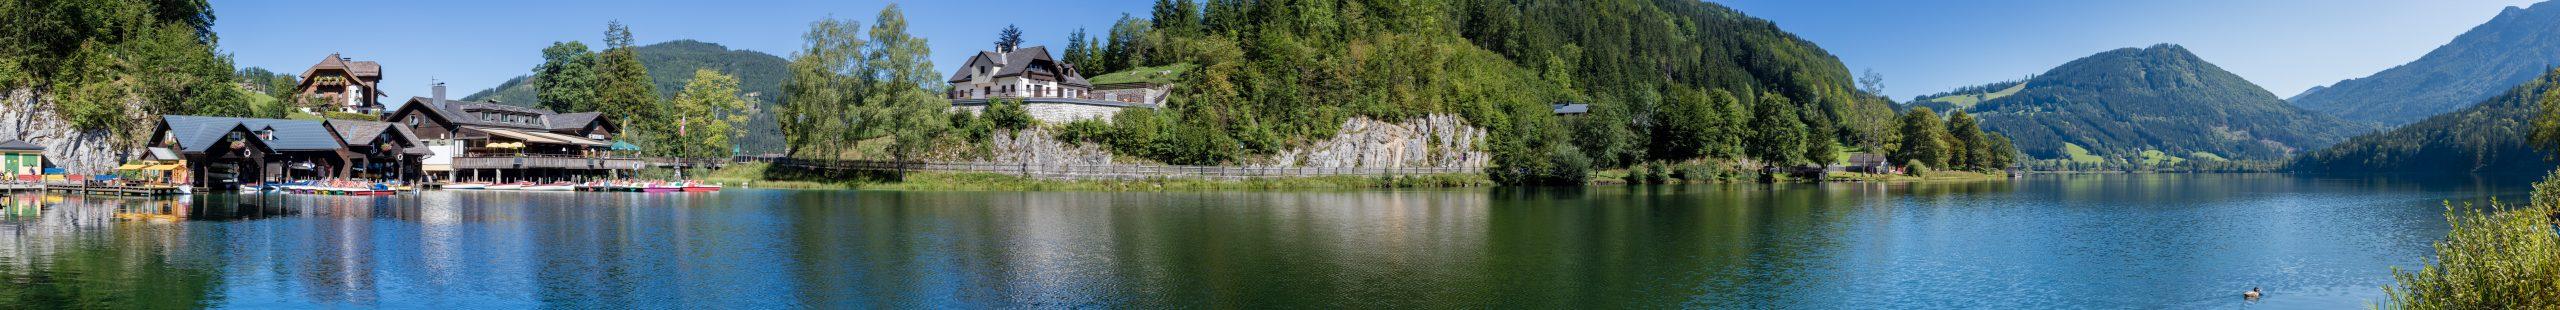 Ferienhaus Lunz am See